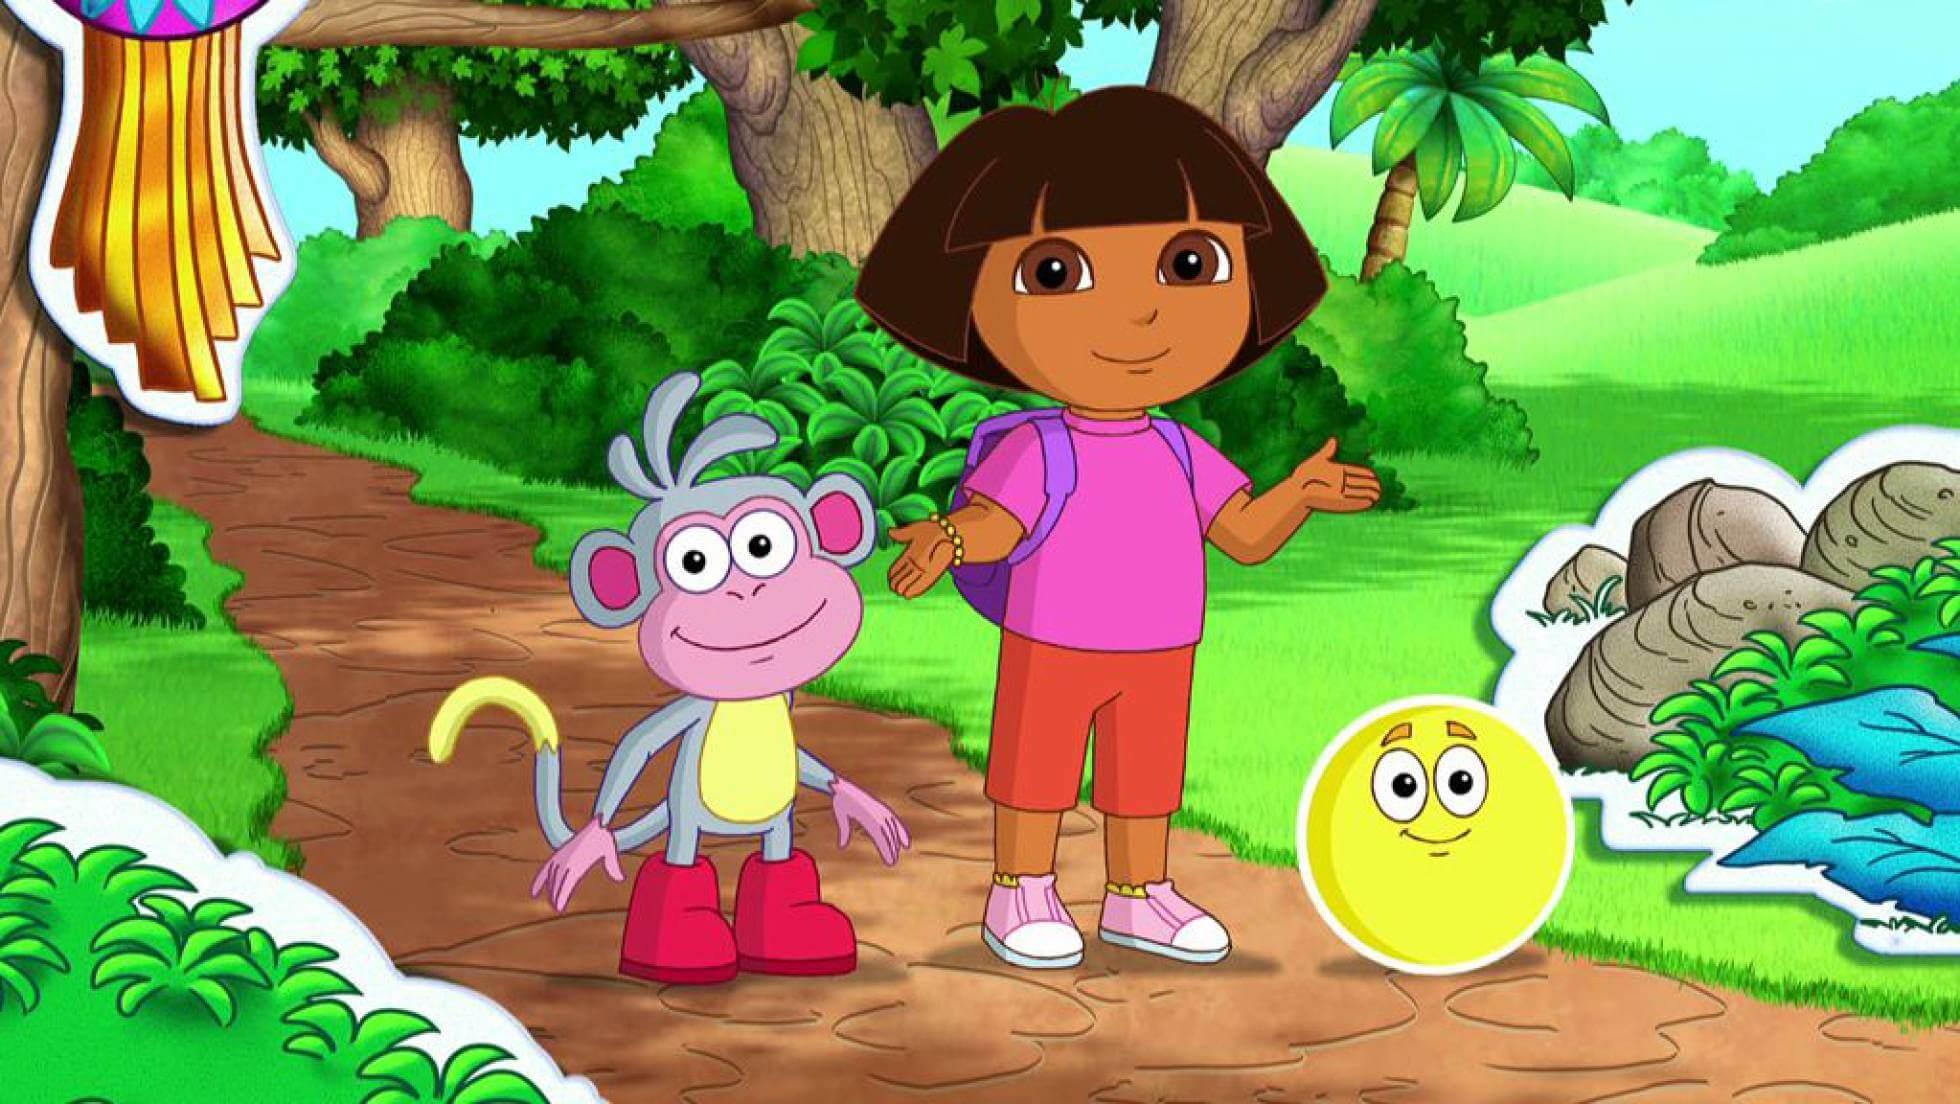 Dora la exploradora, una de las series interactivas más aclamadas.